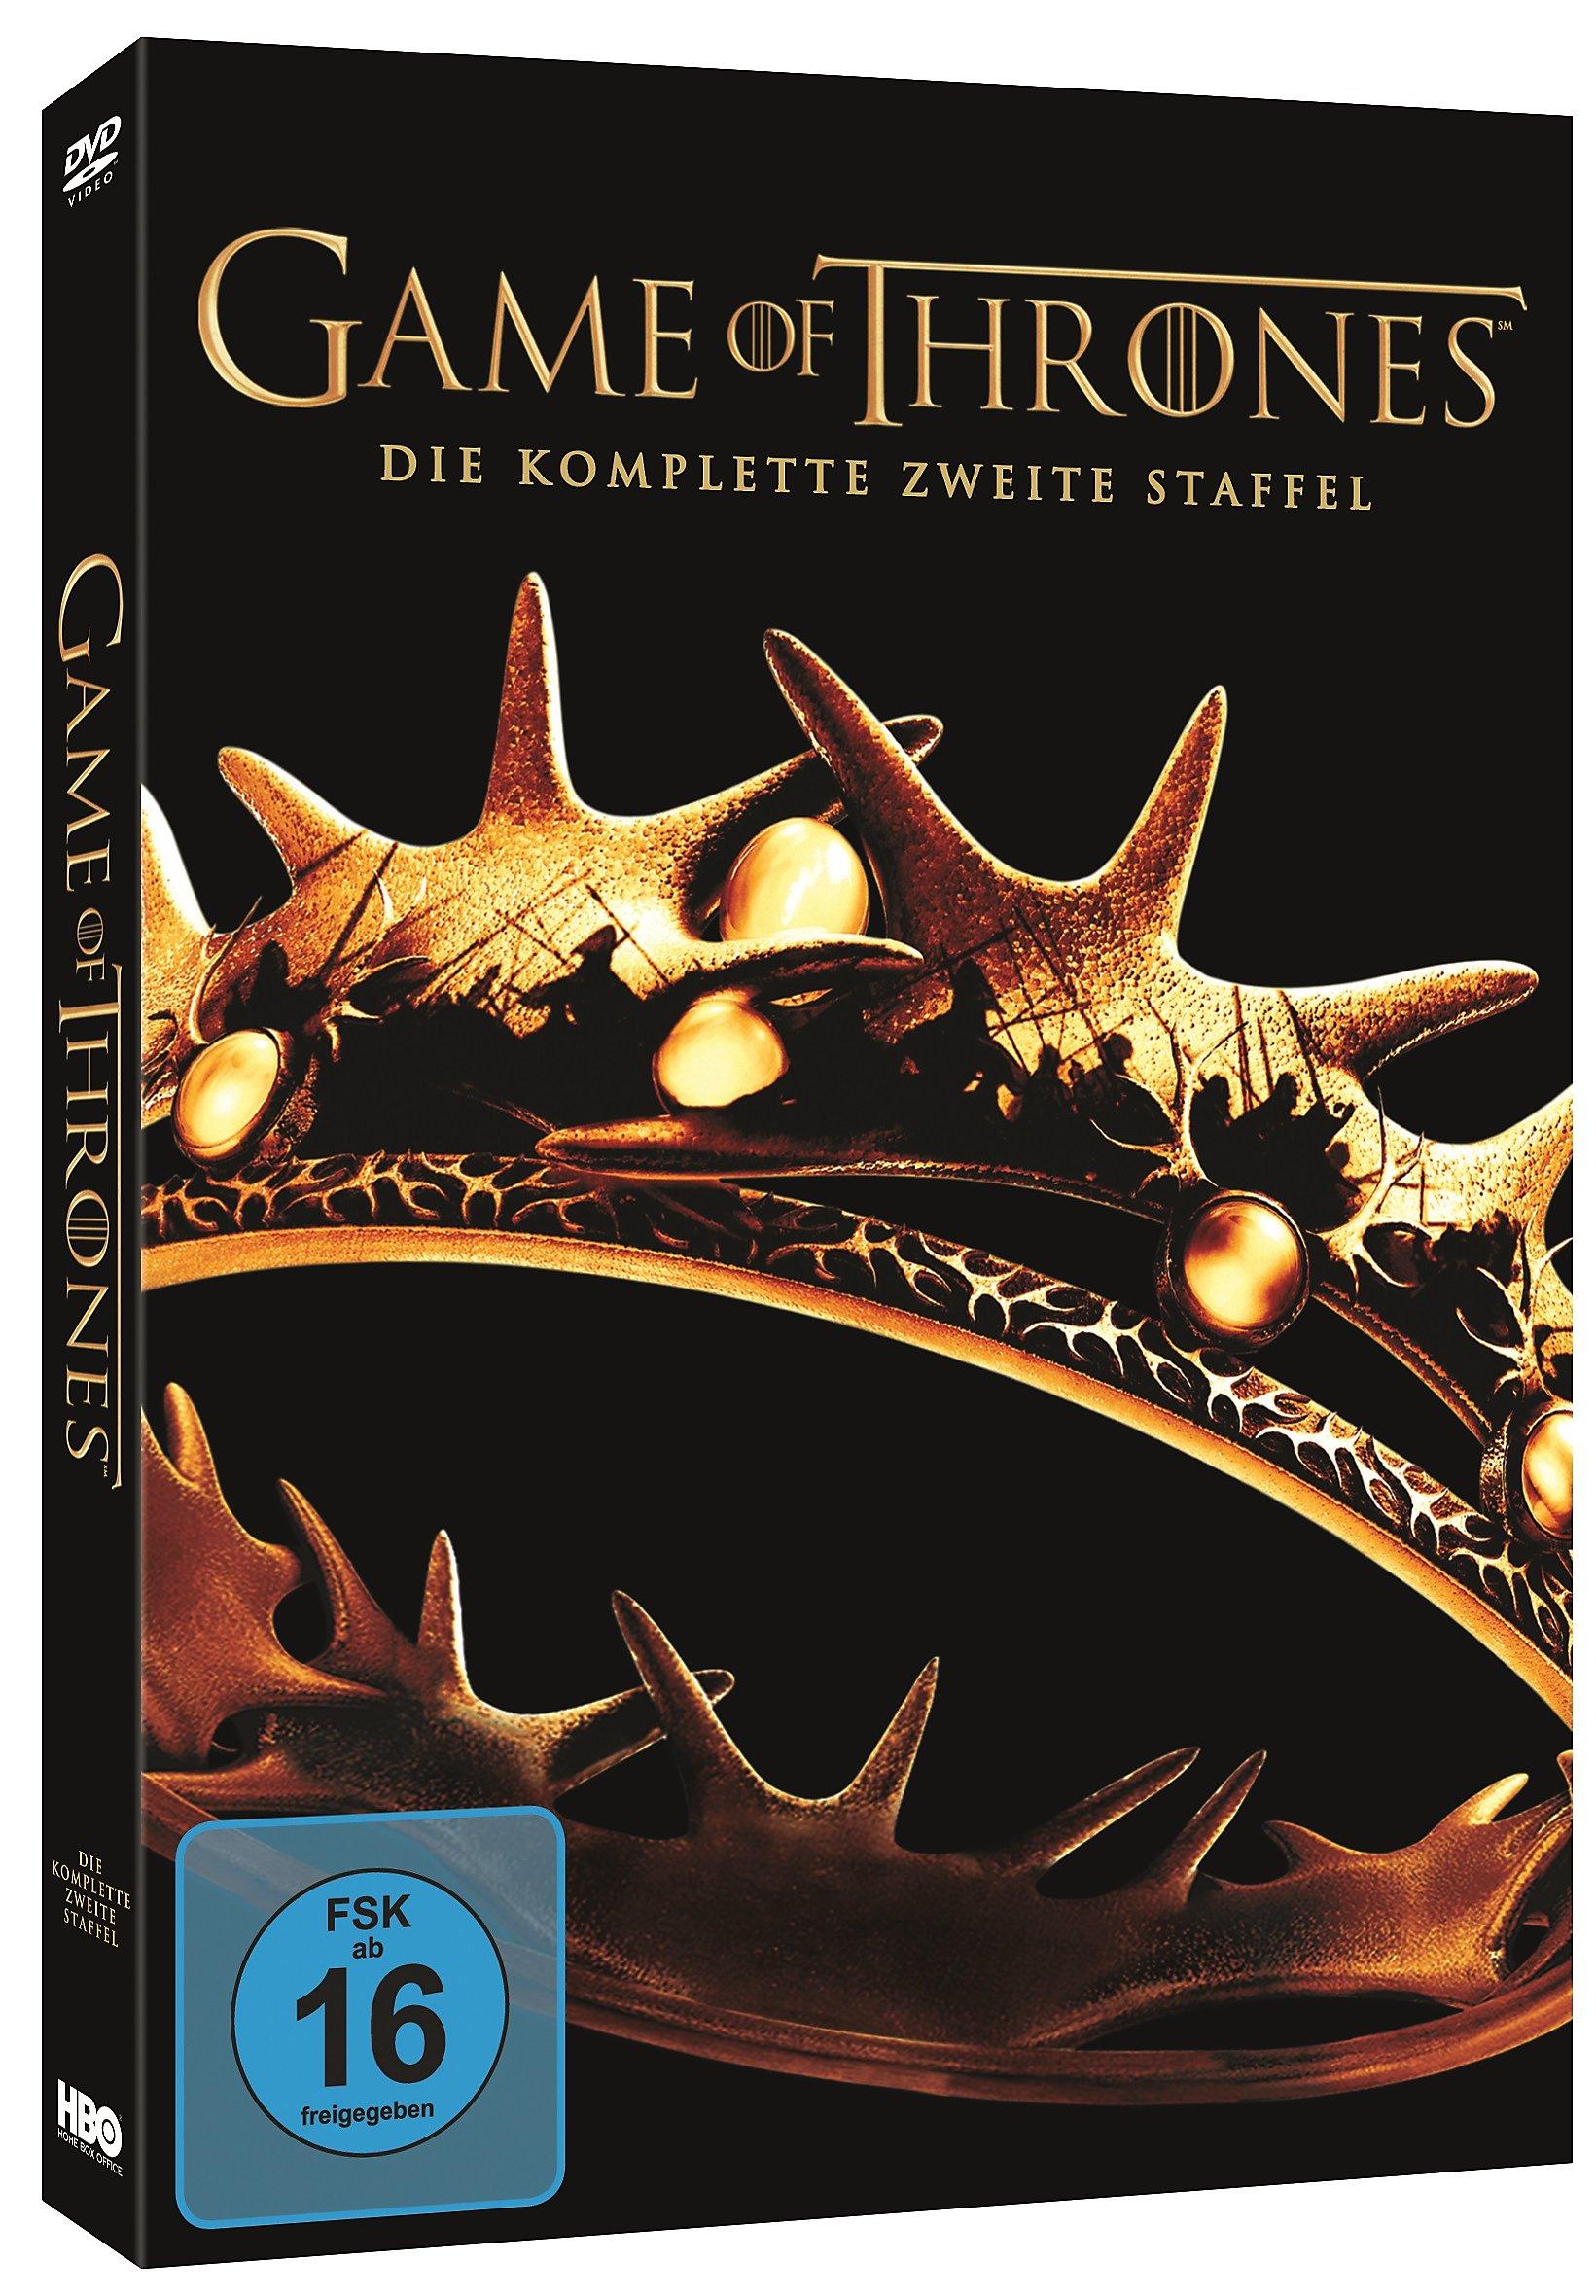 Game Of Thrones Staffel 2 Dvd Bei Weltbildde Bestellen